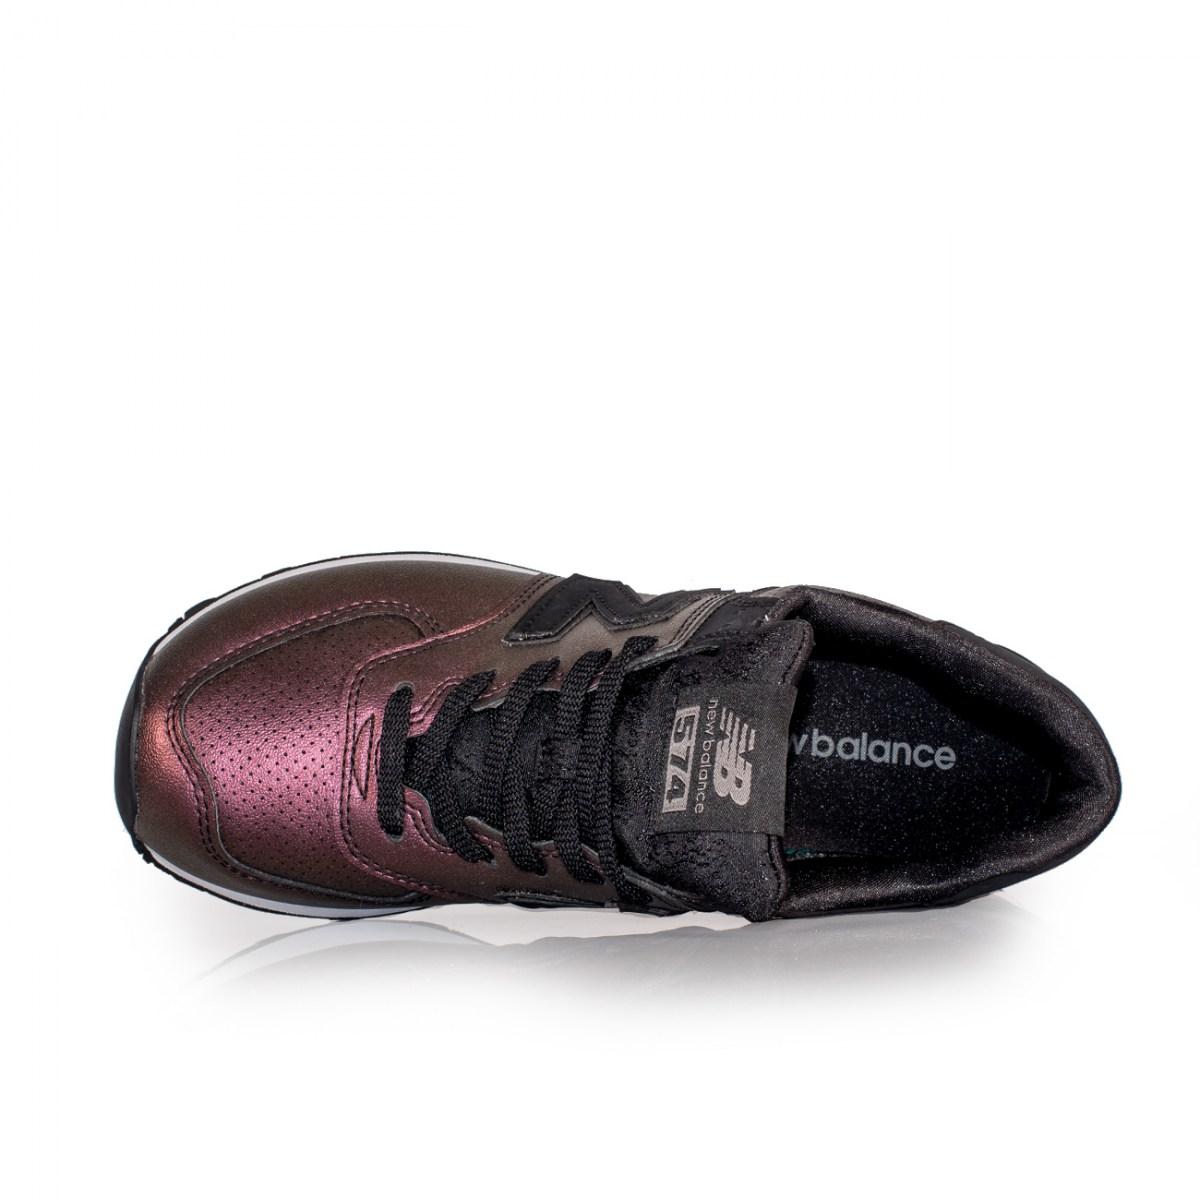 newest 30d7f c2cfb NEW BALANCE DARK SHEEN Style# WL574KSB PURPLE